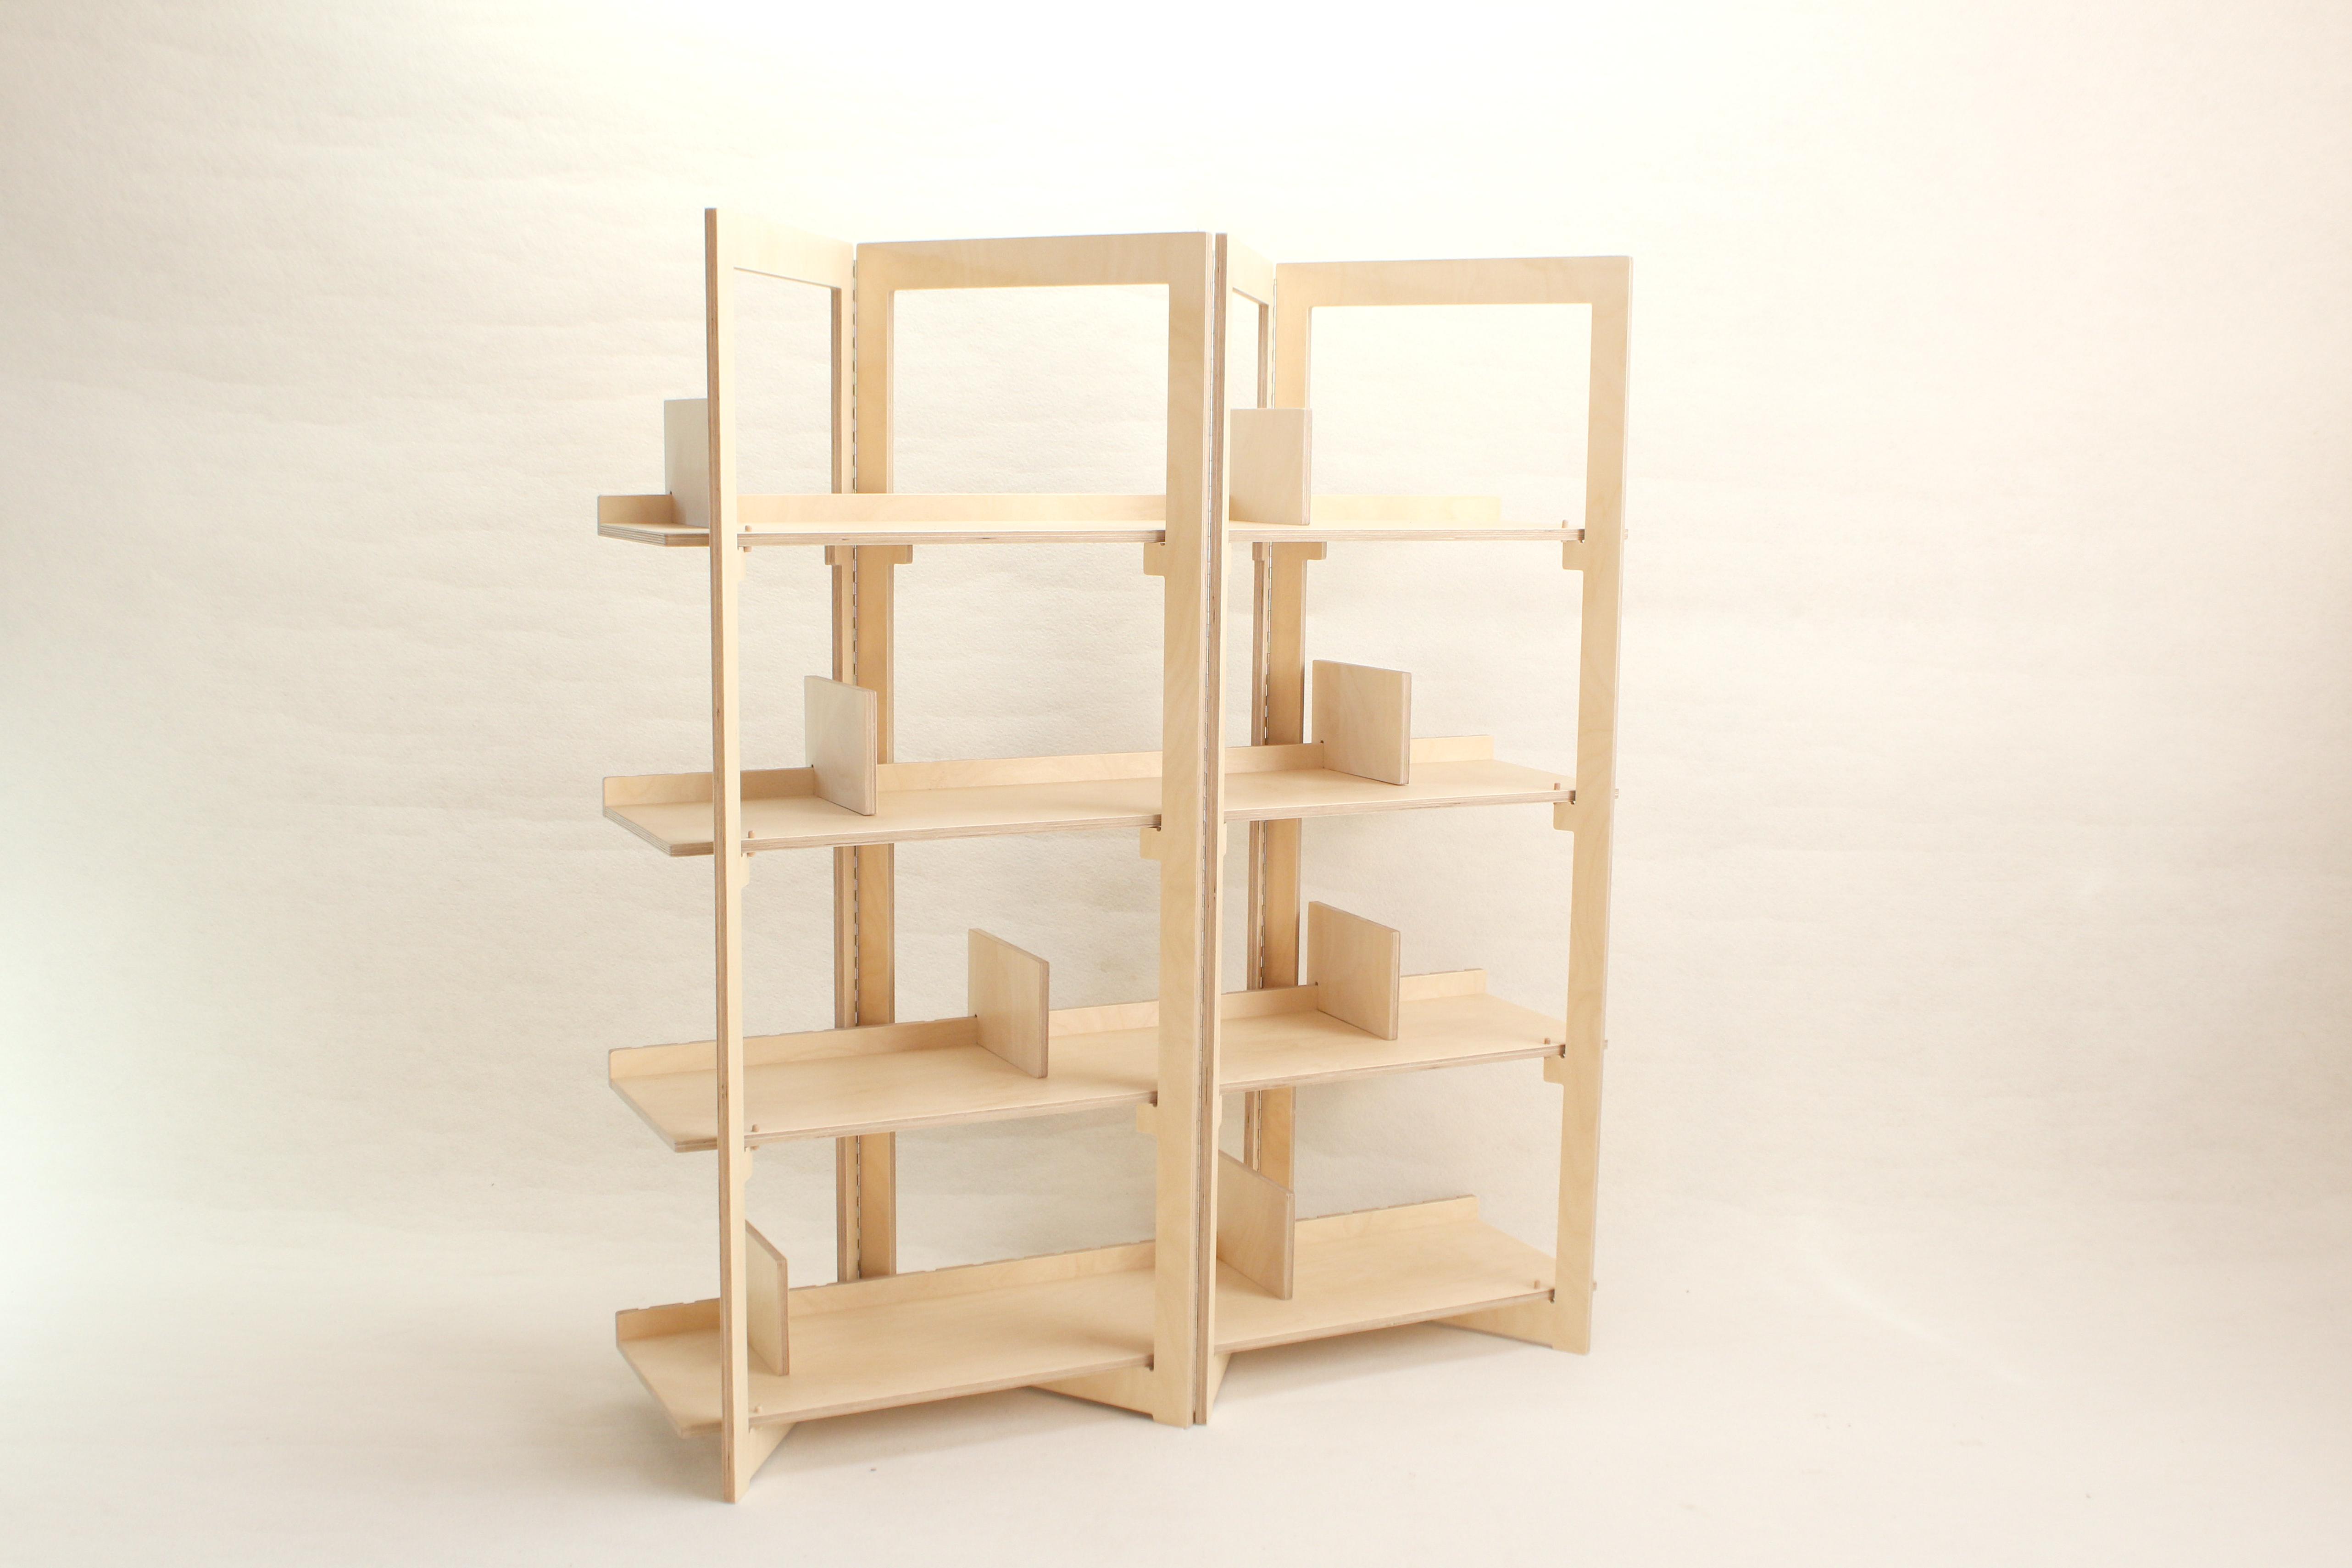 Biblioth Que Pratique Et Design En Bois Openwood # Bibliotheque Bois